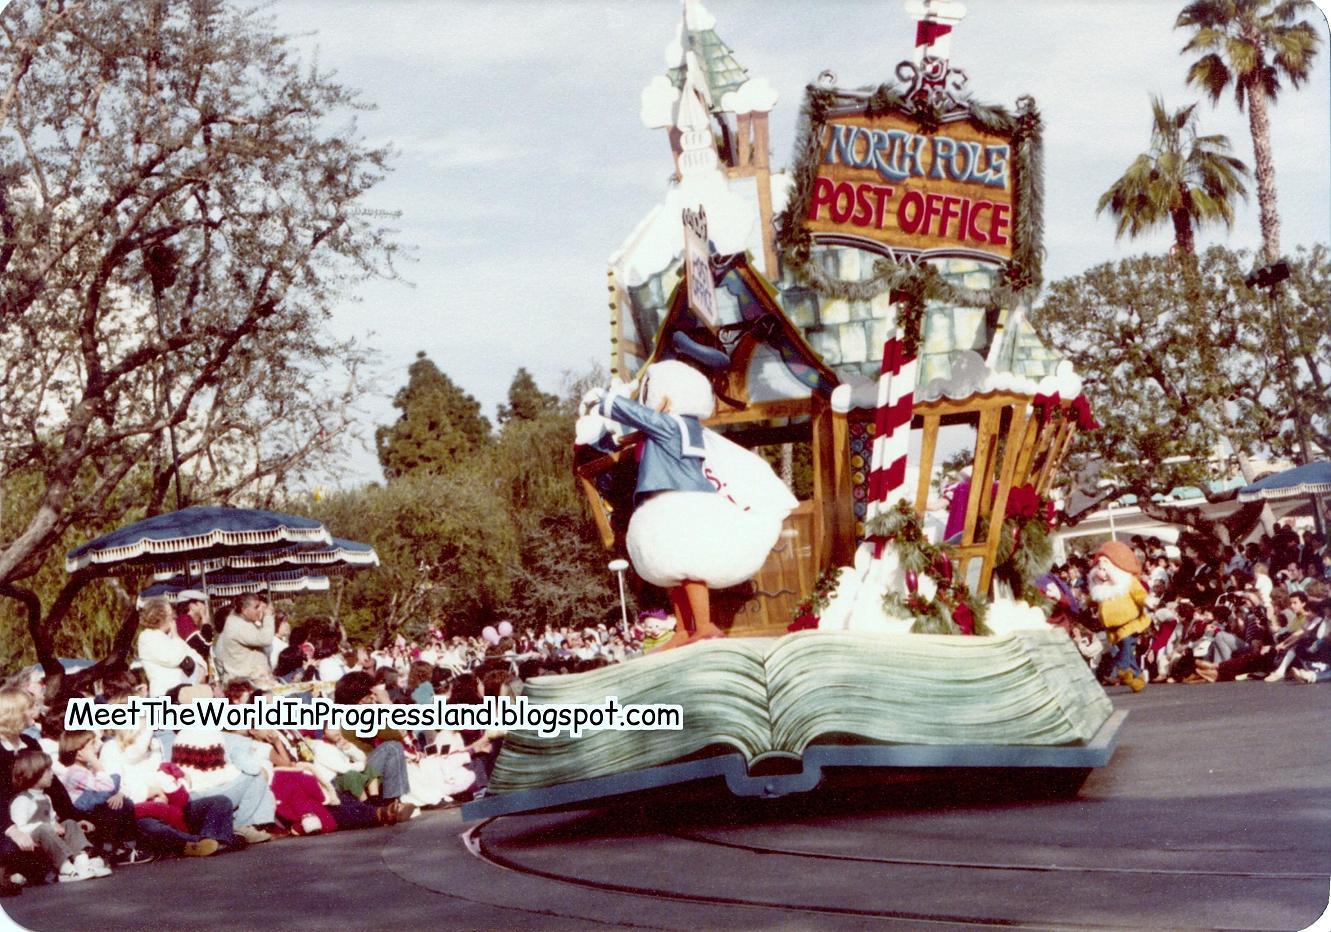 Anciennes Parades des Resorts Américains 1981%2BFantasy%2BOn%2BParade%2B-%2BPlaza%2B%25289%2529